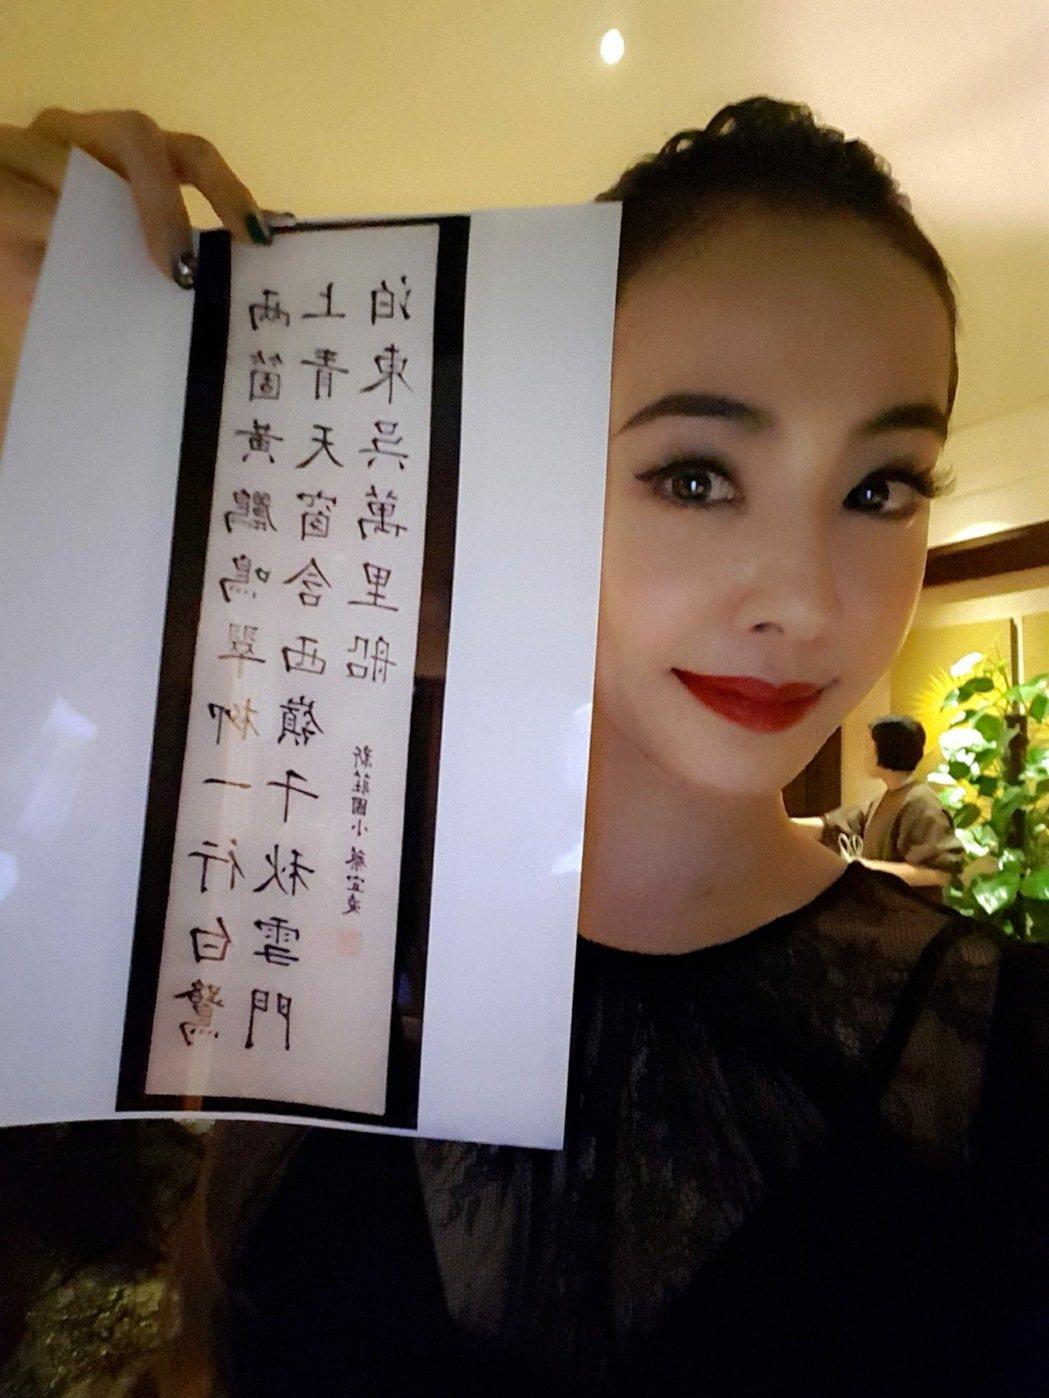 蔡依林秀出國小書法作品。圖/摘自臉書